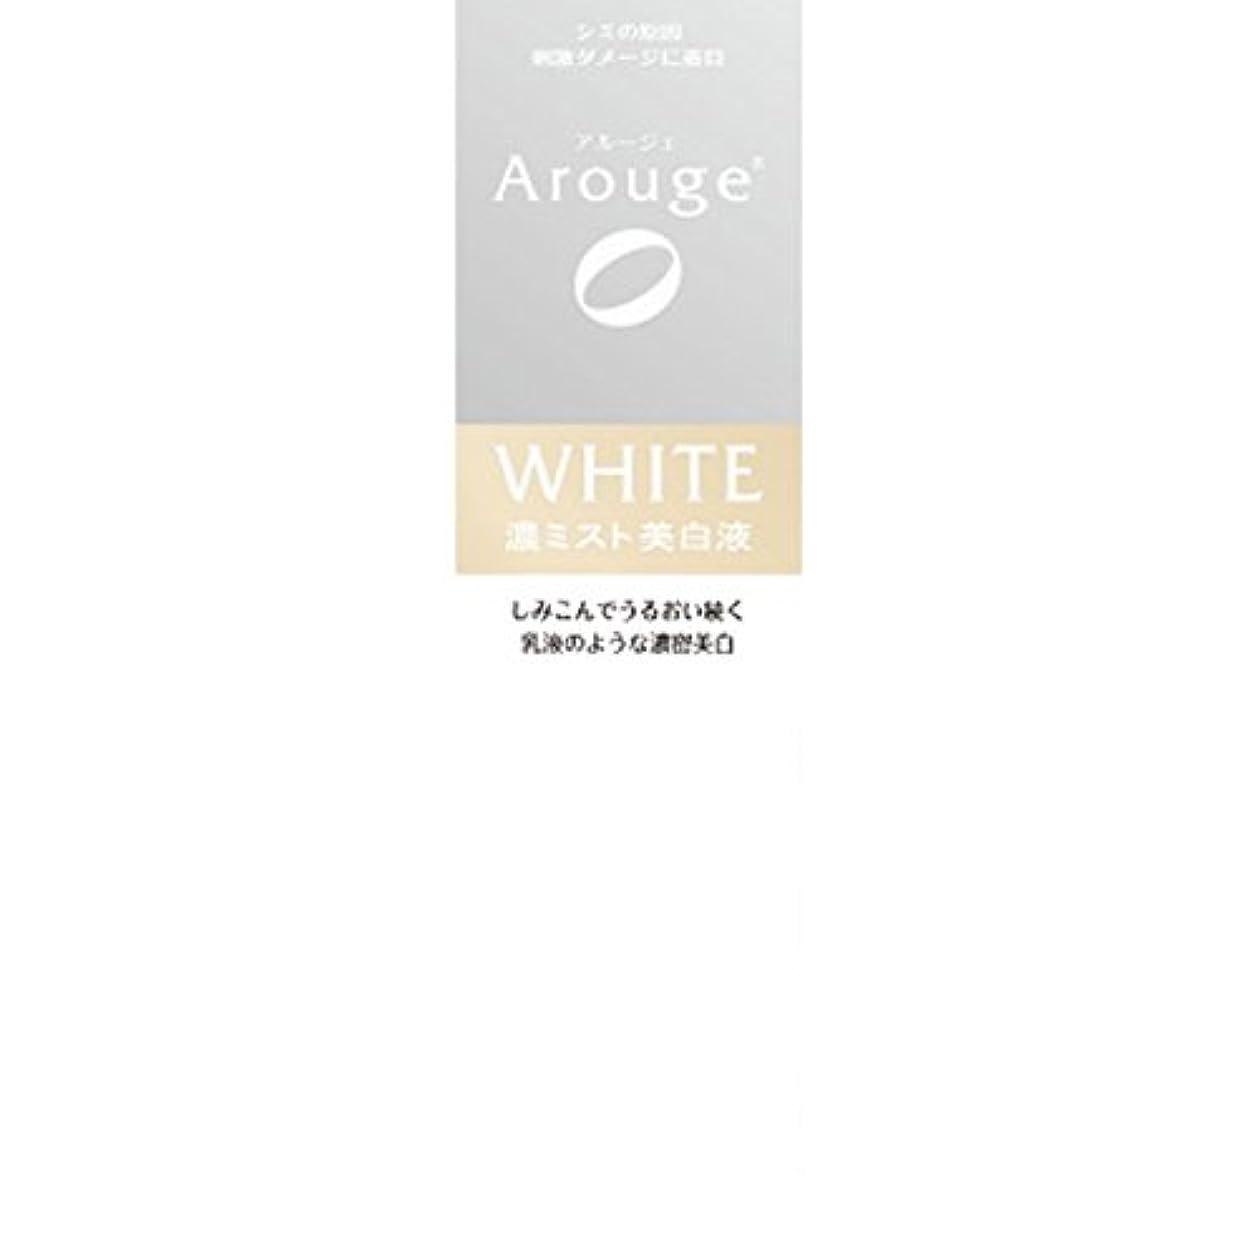 香ばしい完全に外観【医薬部外品】アルージェホワイトニングミストセラム 100ML【2個セット】